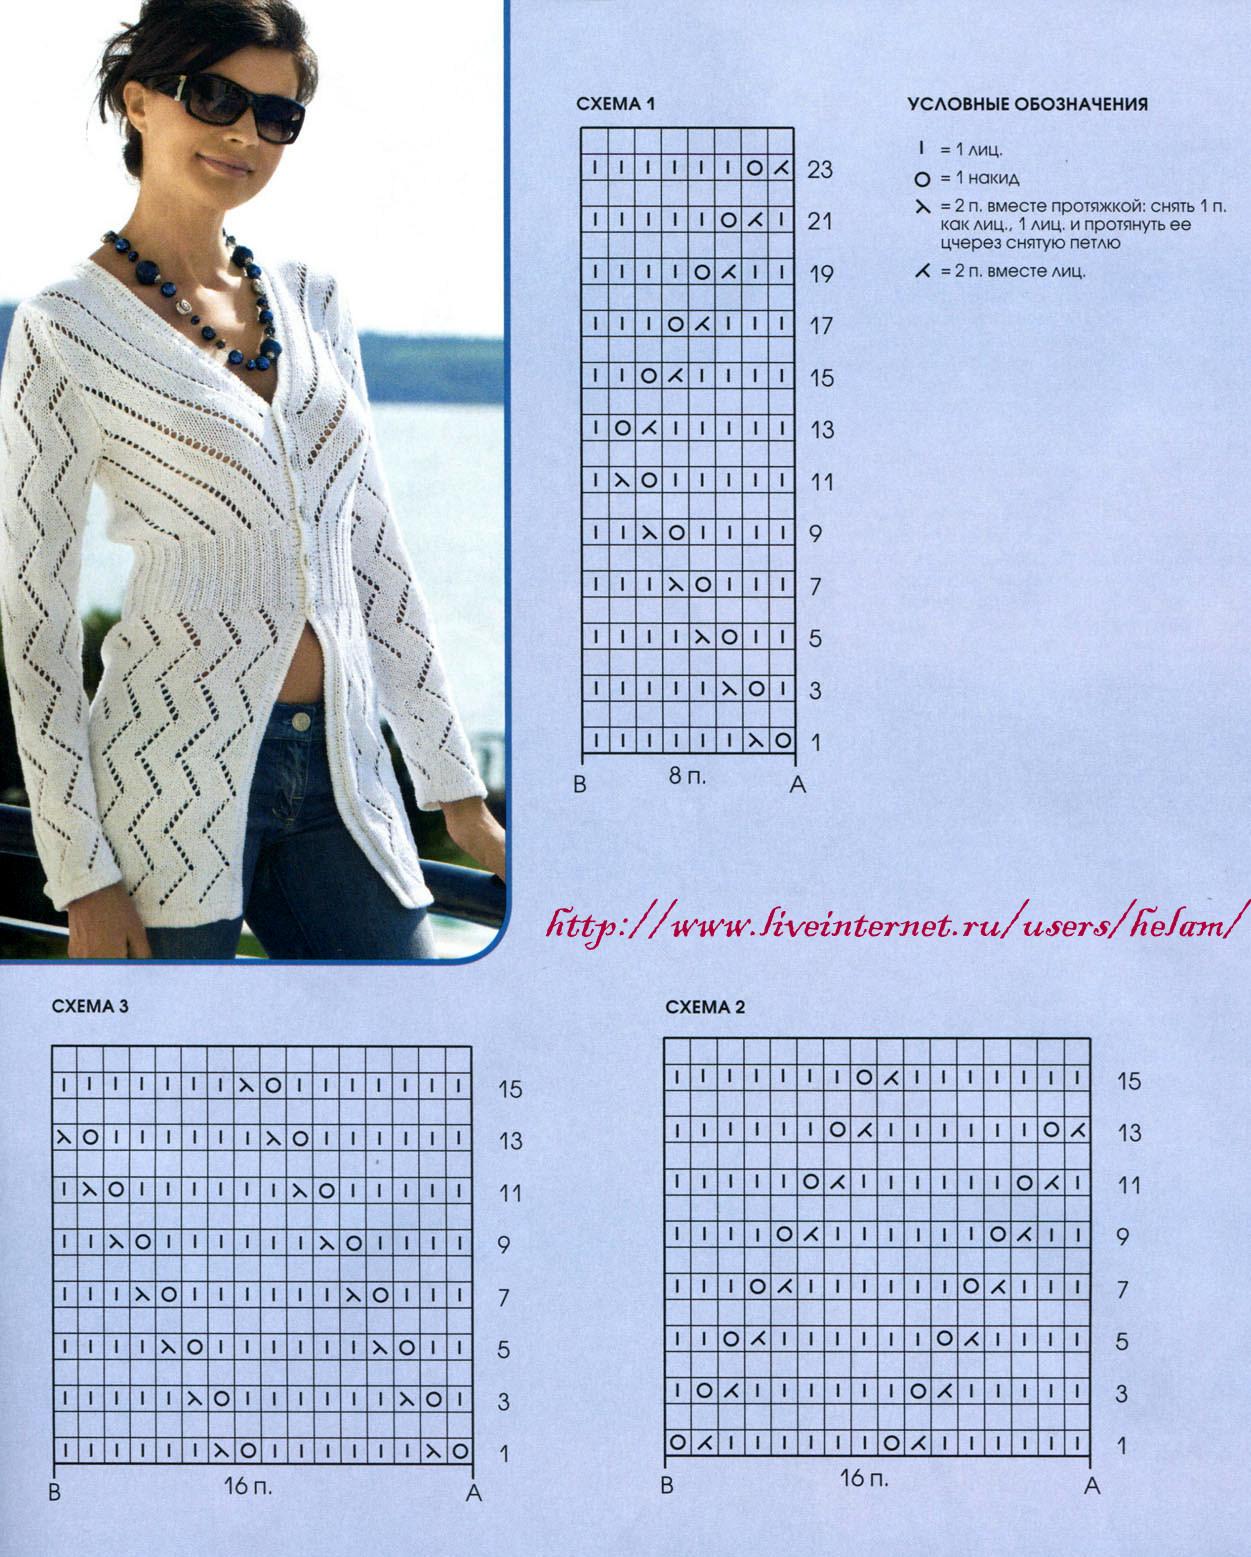 Вязание на спицах ажурные жакеты схемы Вязание спицами для мужчин схемы и модели 2014